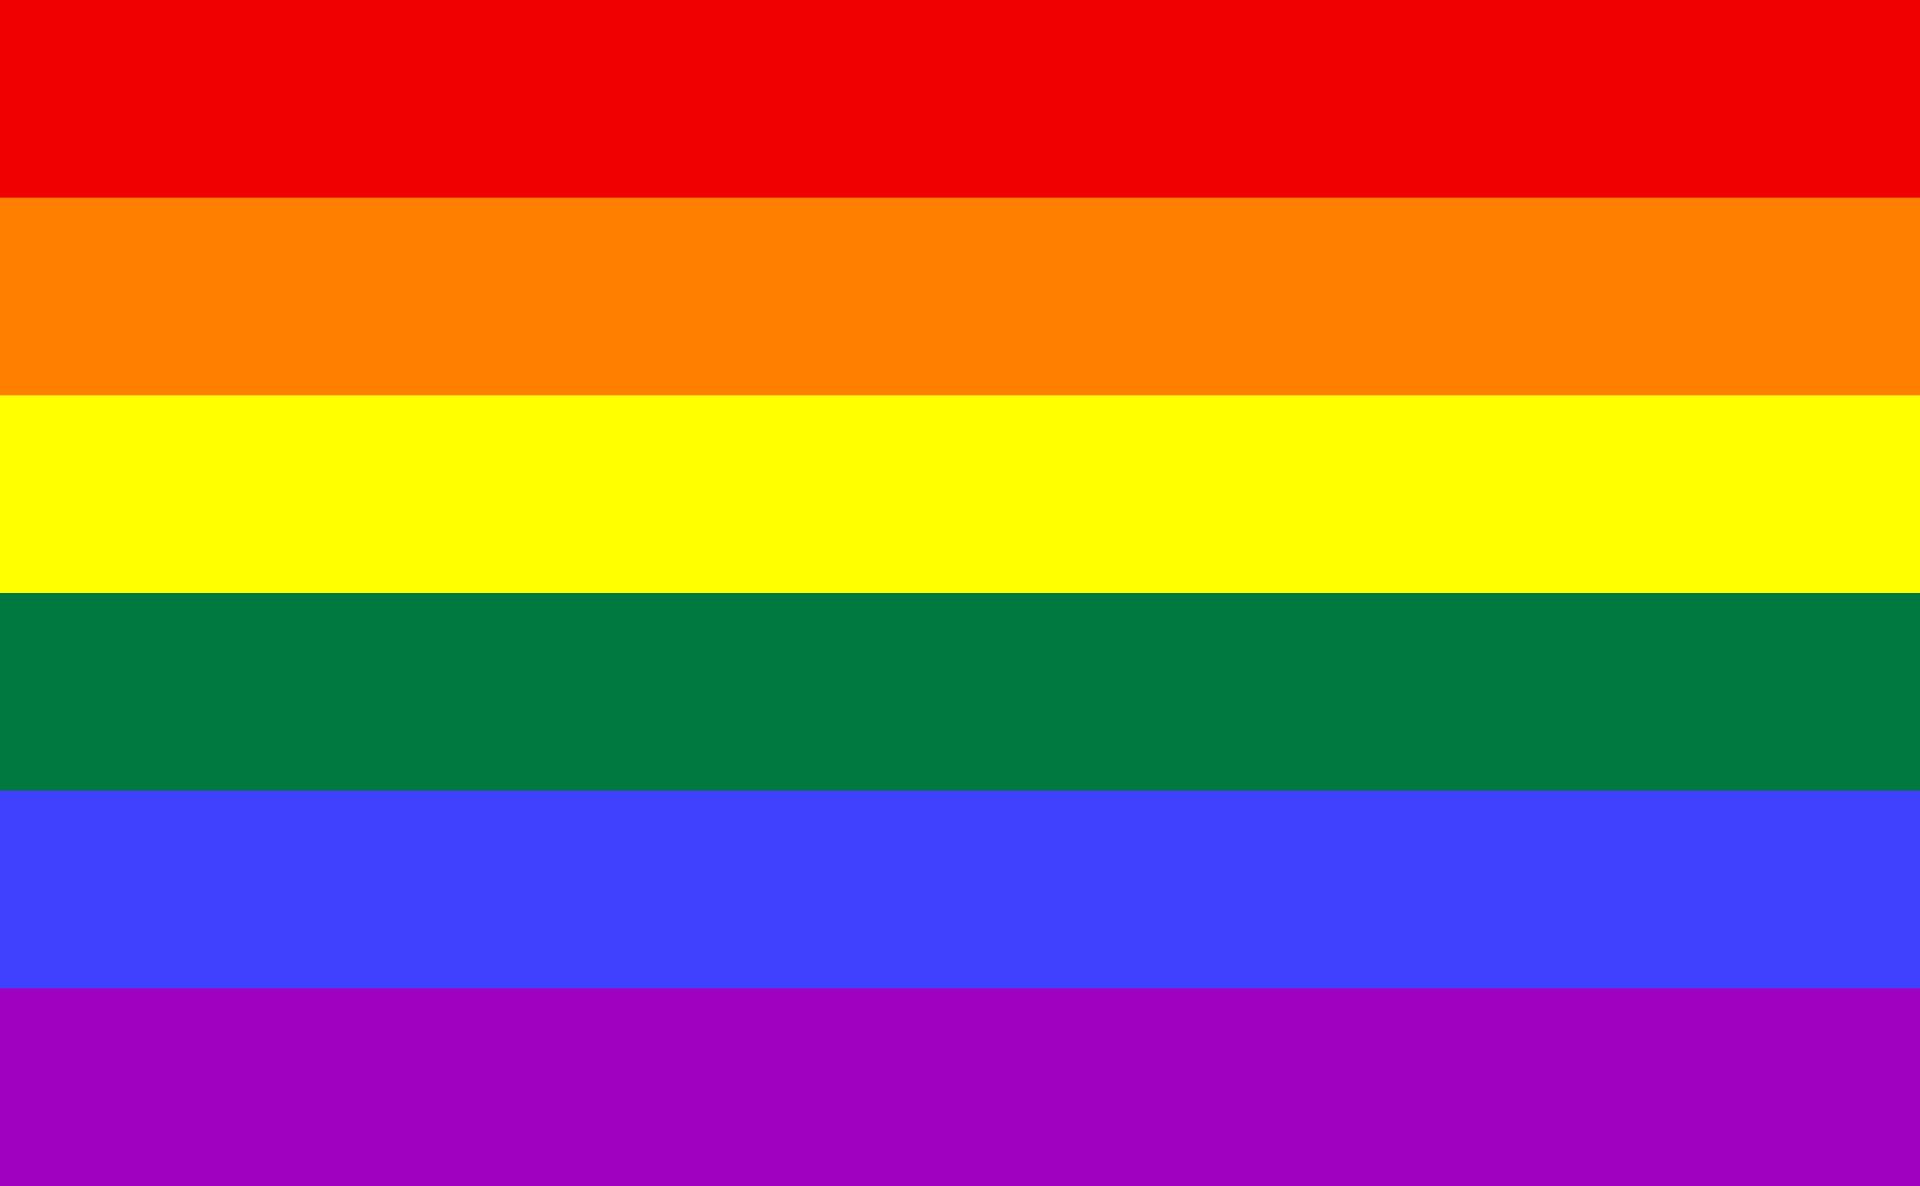 flag-36423